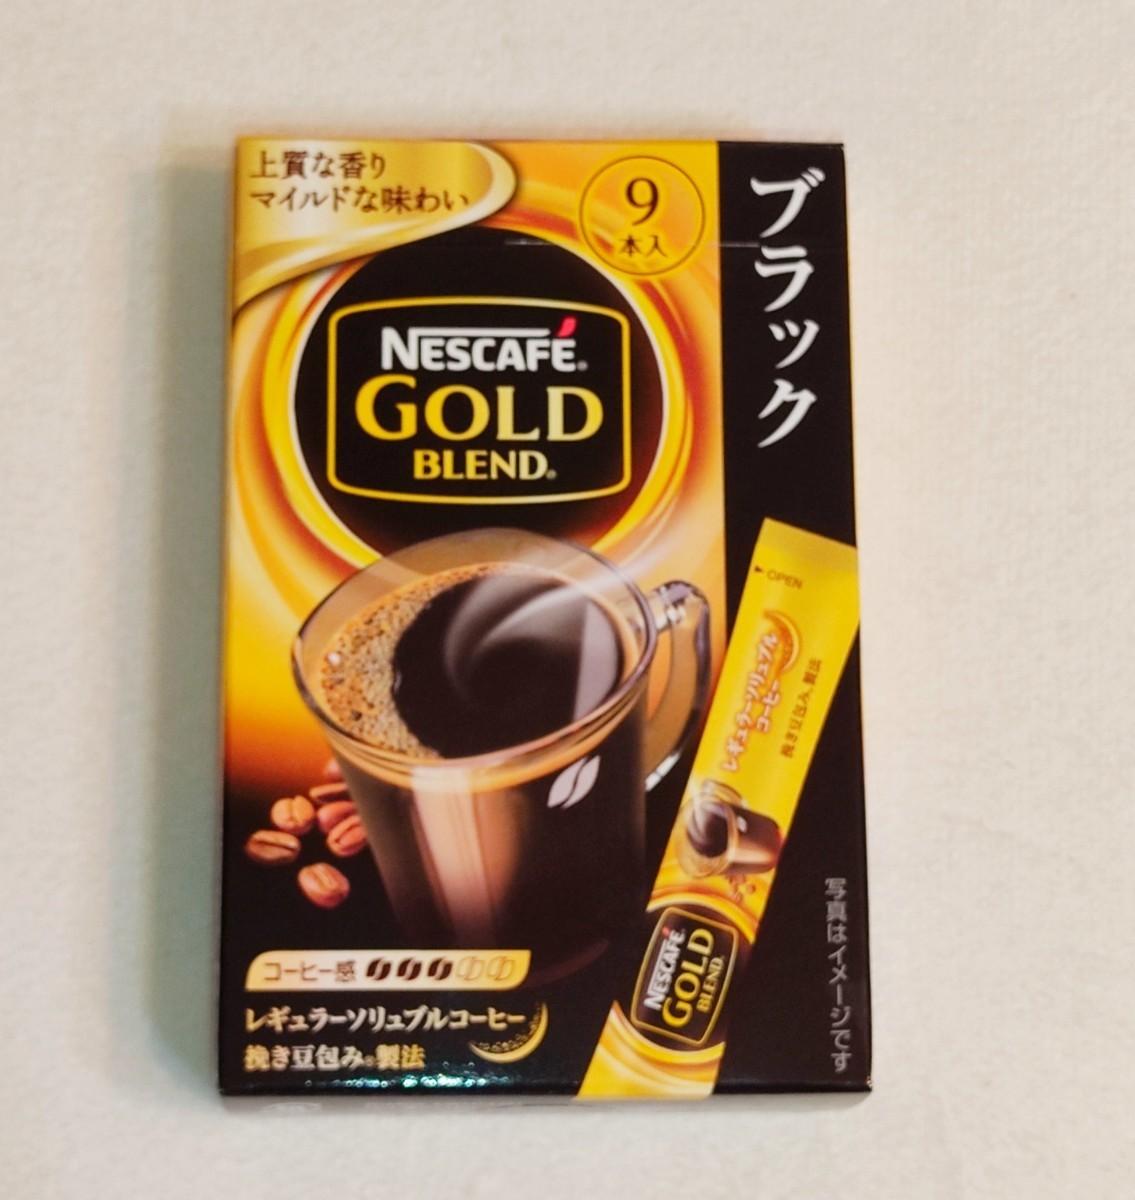 ネスカフェ ゴールドブレンド  スティックコーヒー 9本1箱 ブラック